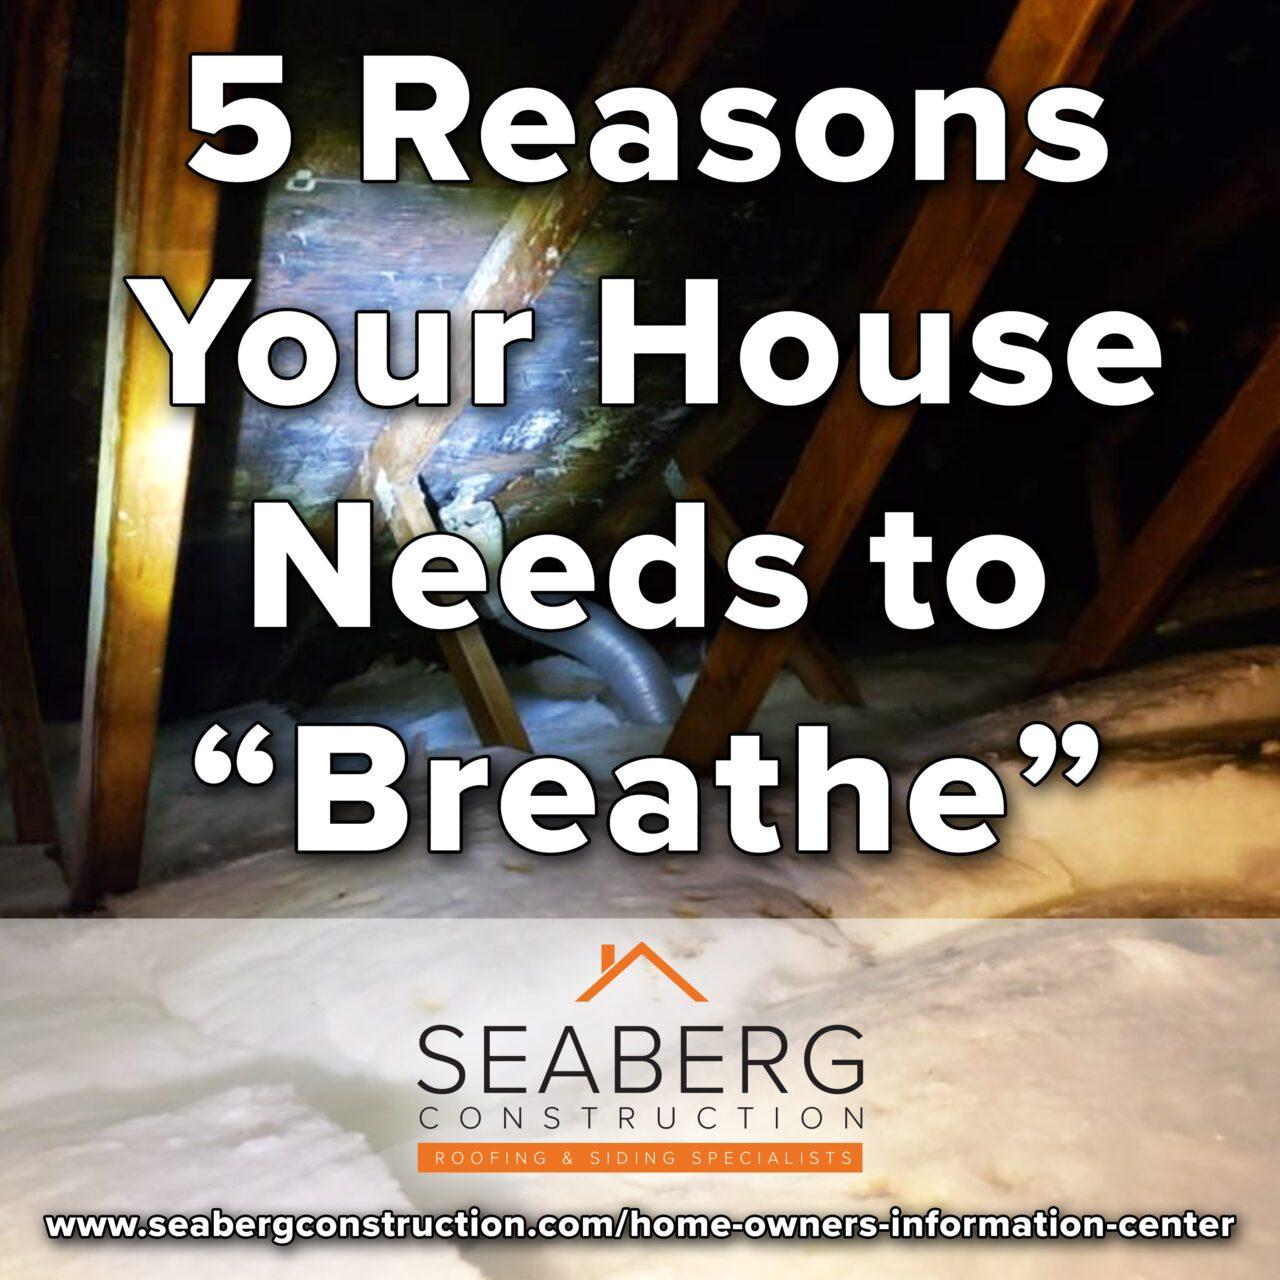 https://www.seabergconstruction.com/wp-content/uploads/2021/07/SeabergConstructionBlog_5ReasonsWhyYourHouseNeedstoBreathe-1280x1280.jpg